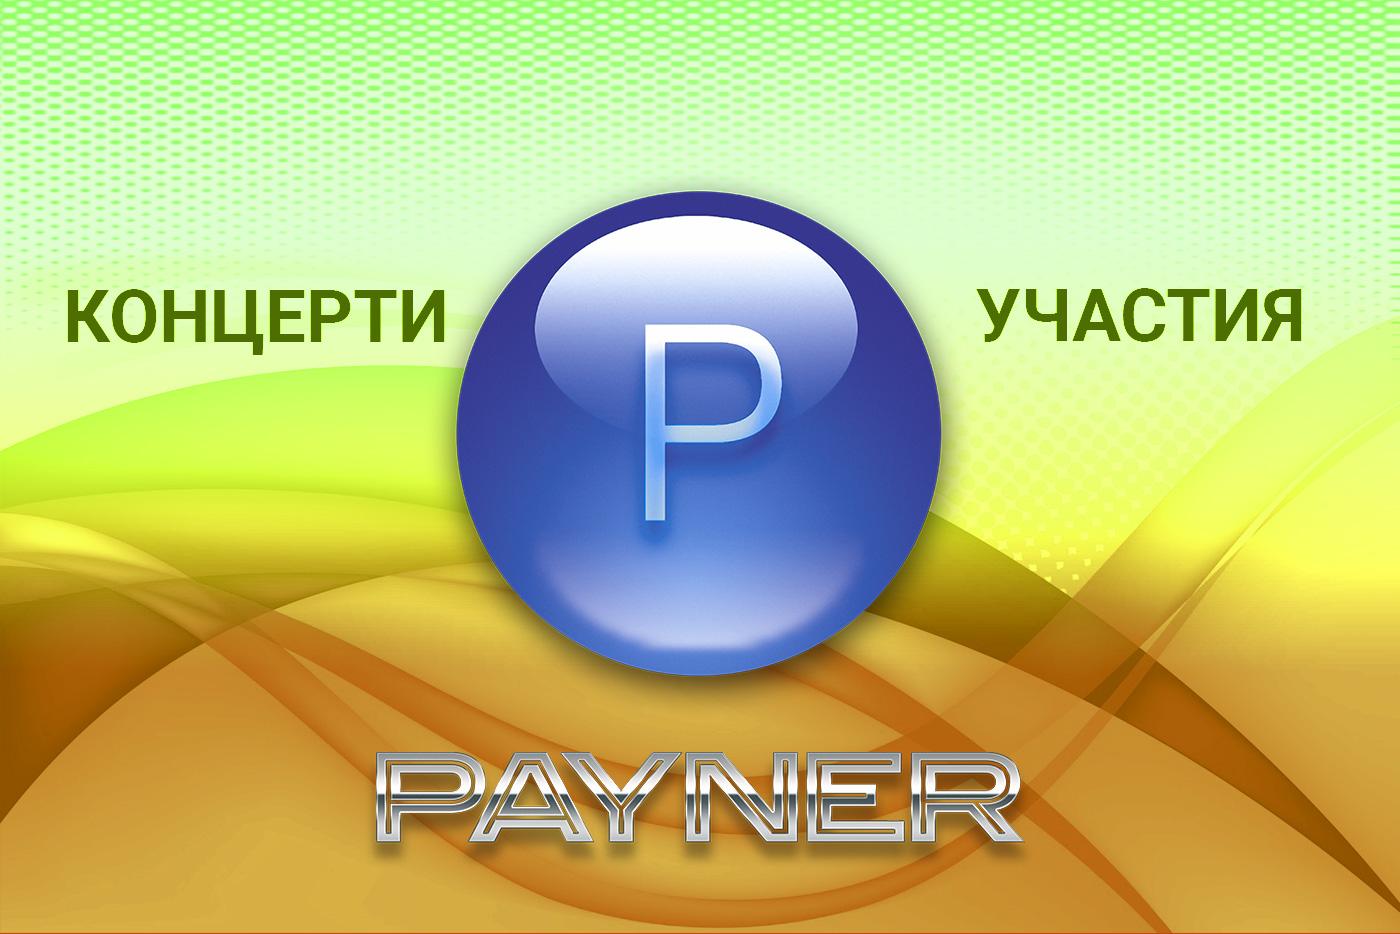 """Участия на звездите на """"Пайнер"""" на 09.02.2020"""